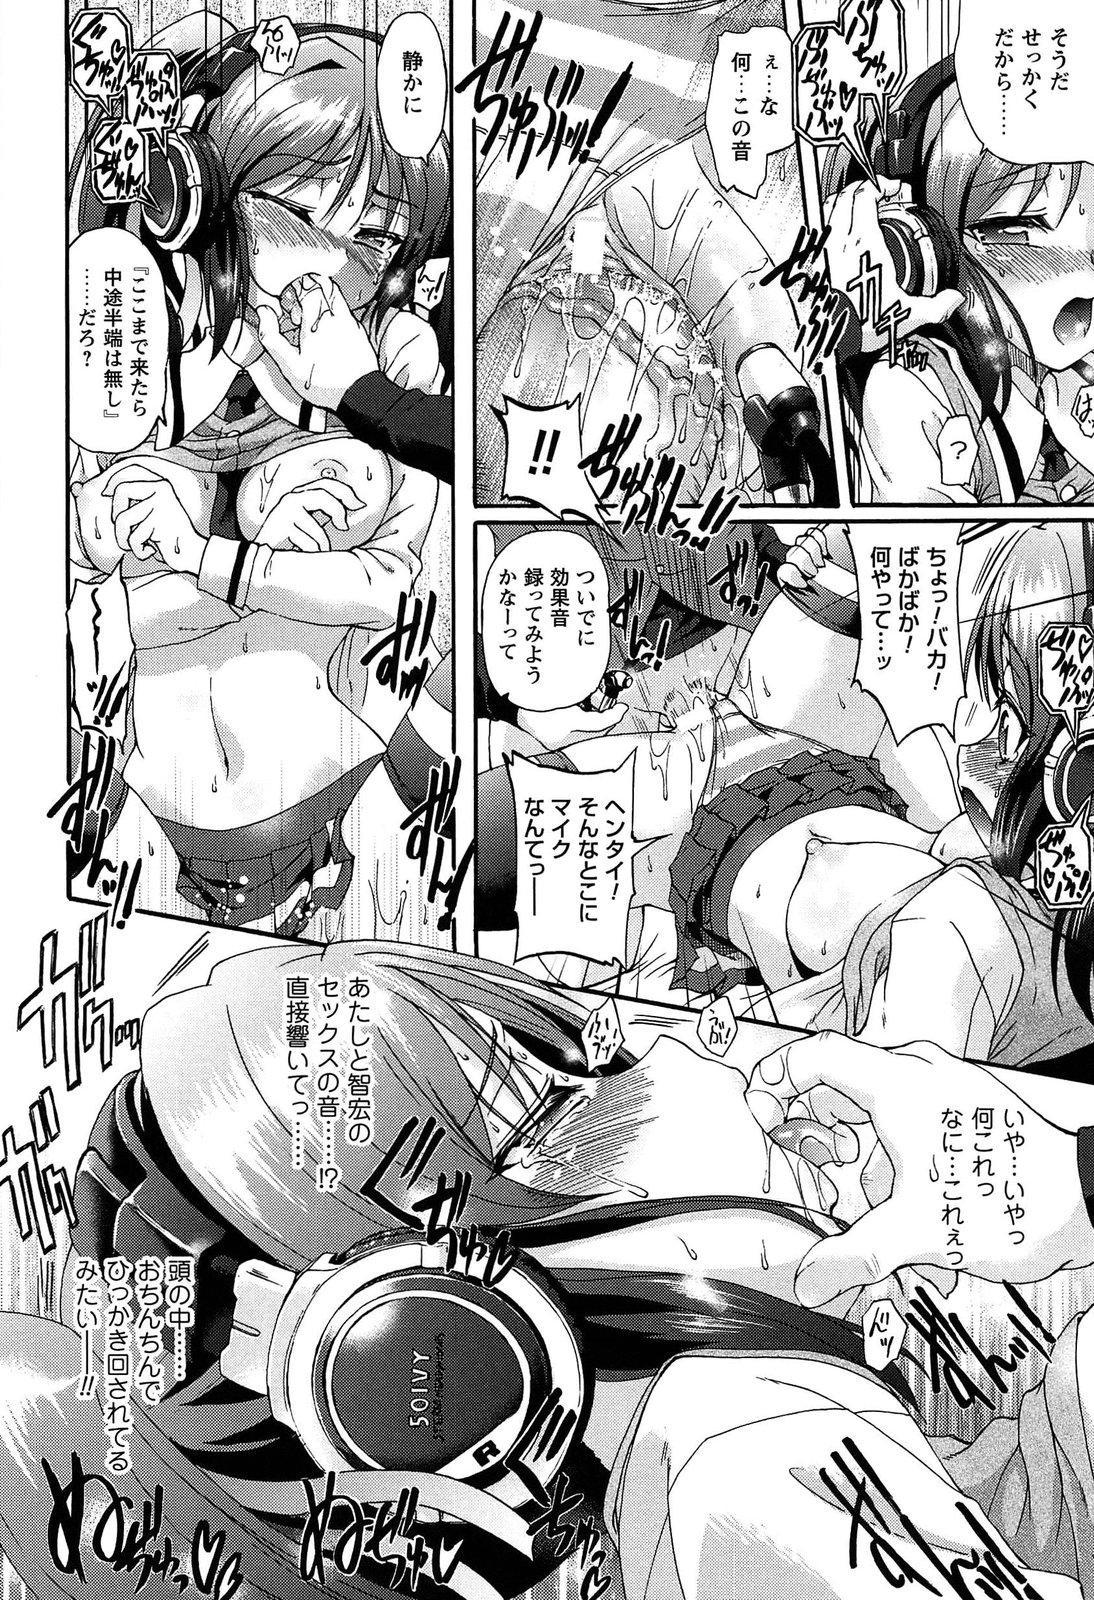 Eroge o Tsukurou! Genteiban - Let's develop the adult game together 27